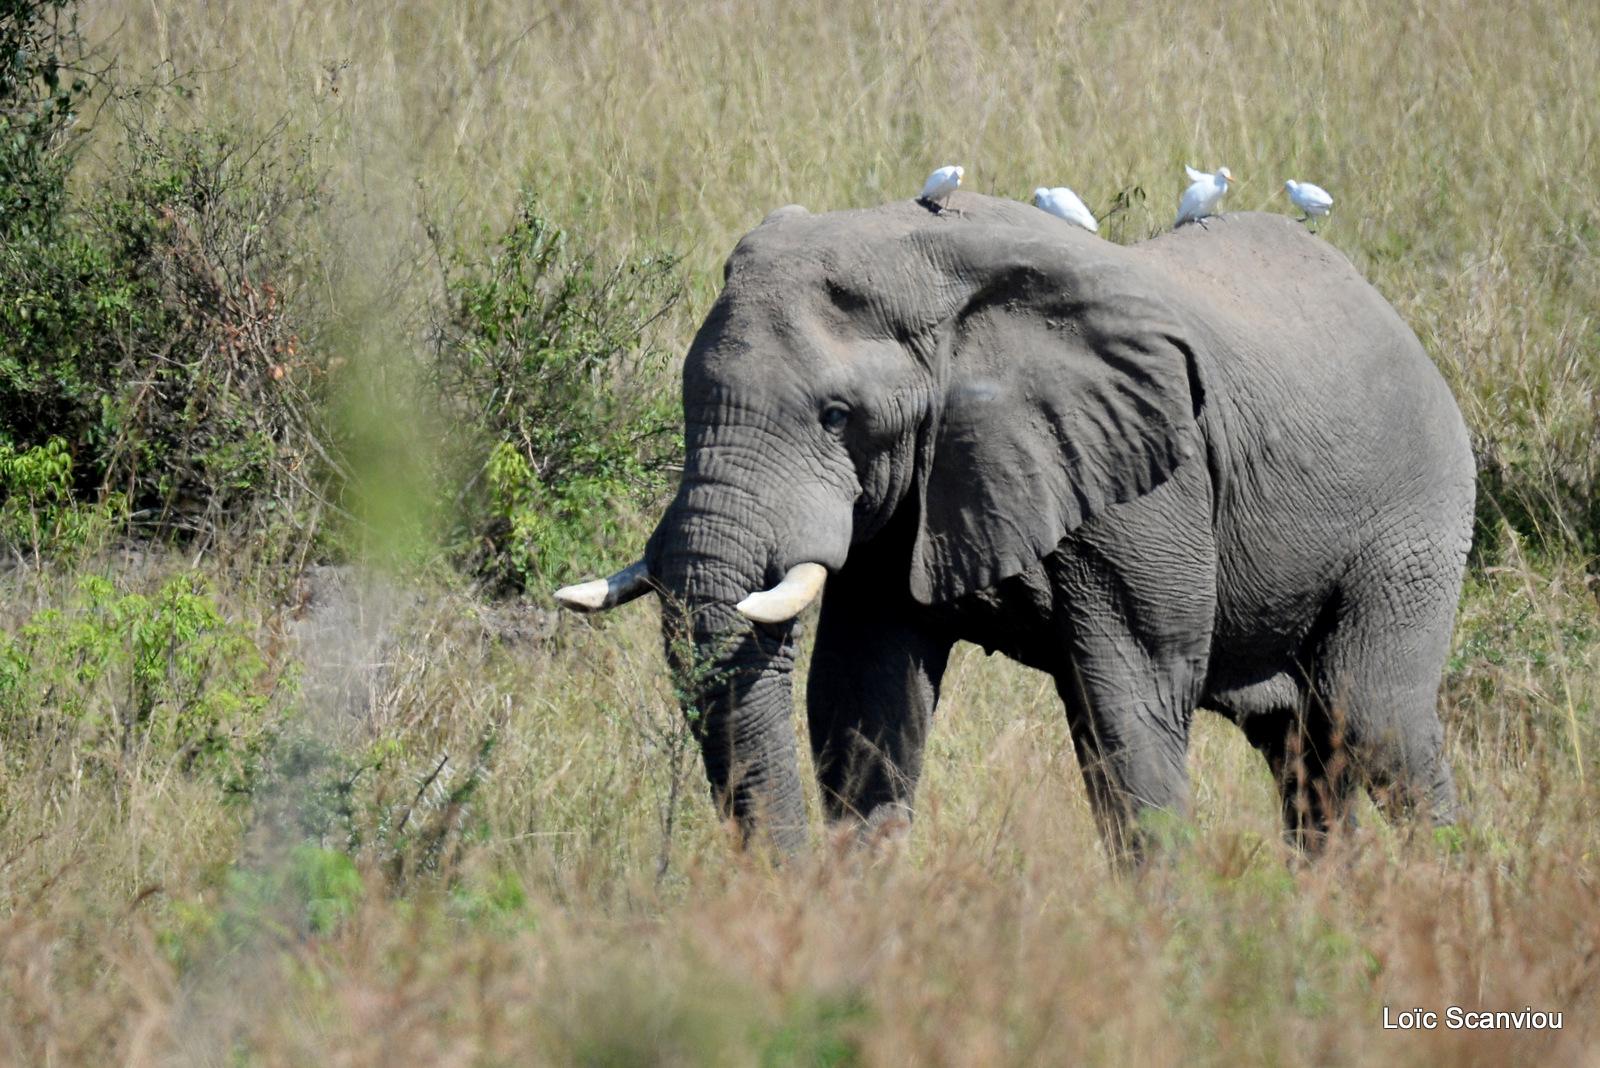 Éléphant de savane d'Afrique/Savanna Elephant (27)